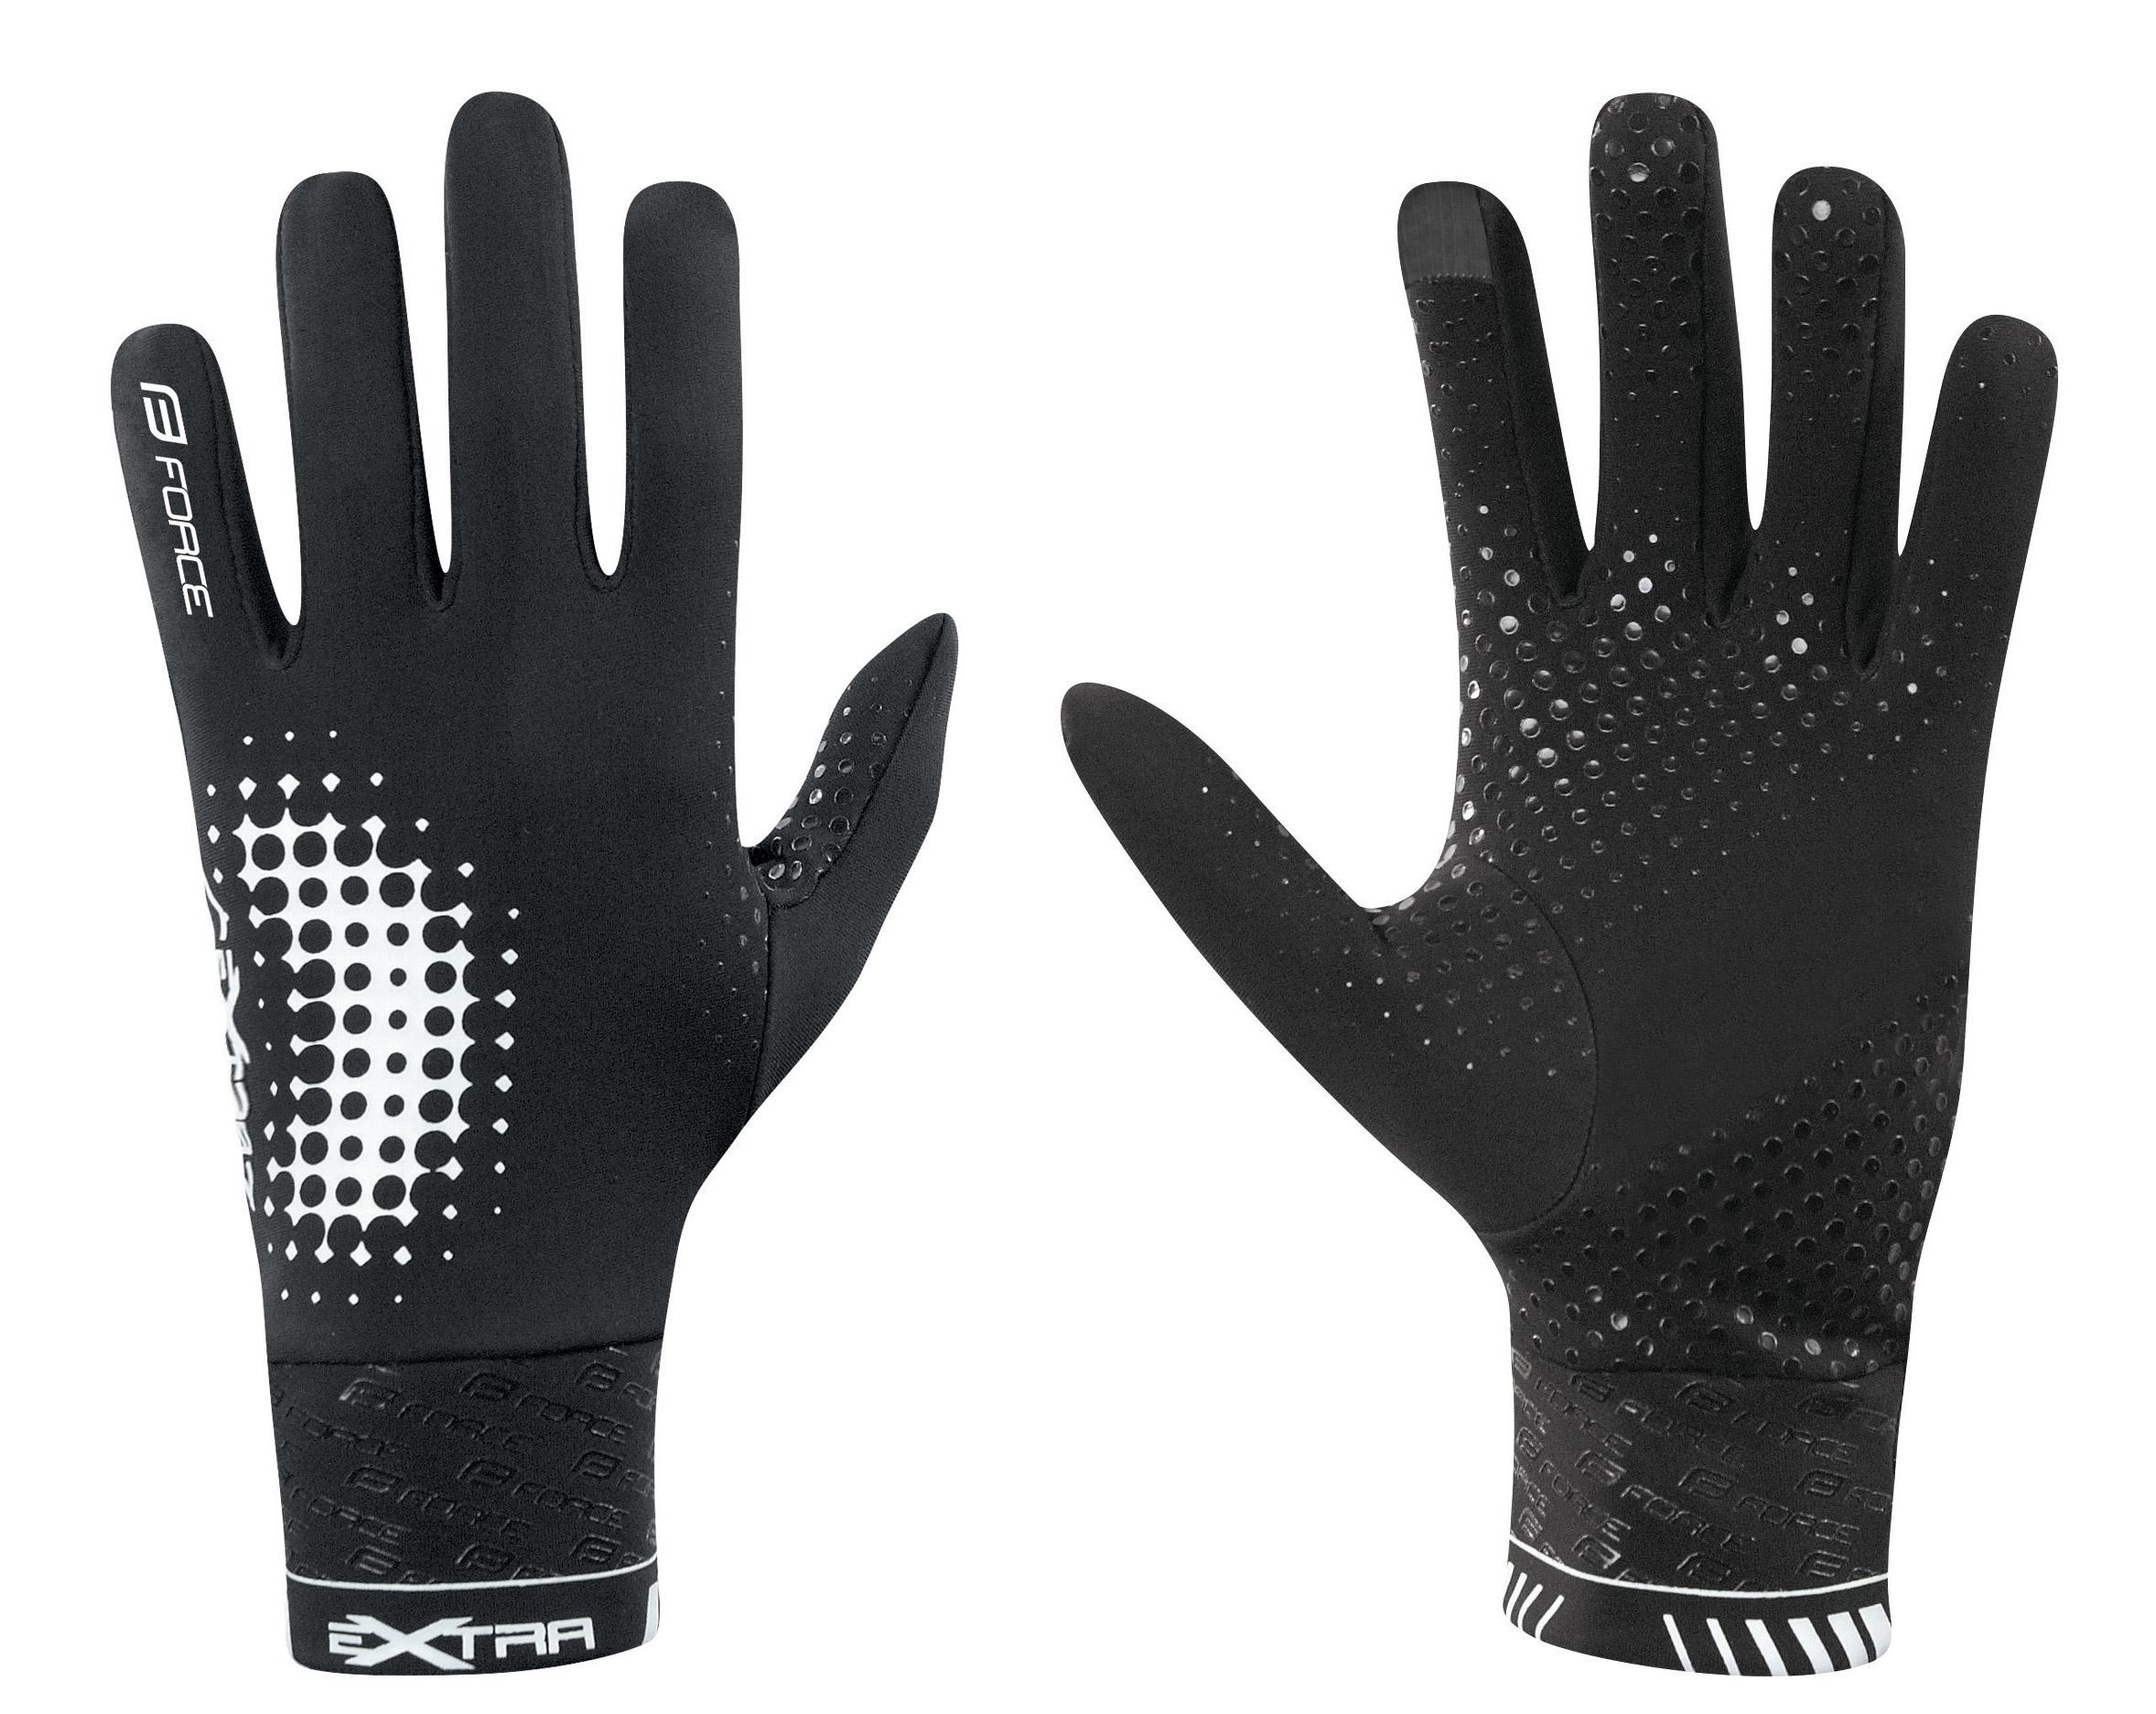 rukavice FORCE EXTRA, jaro-podzim, černé XL